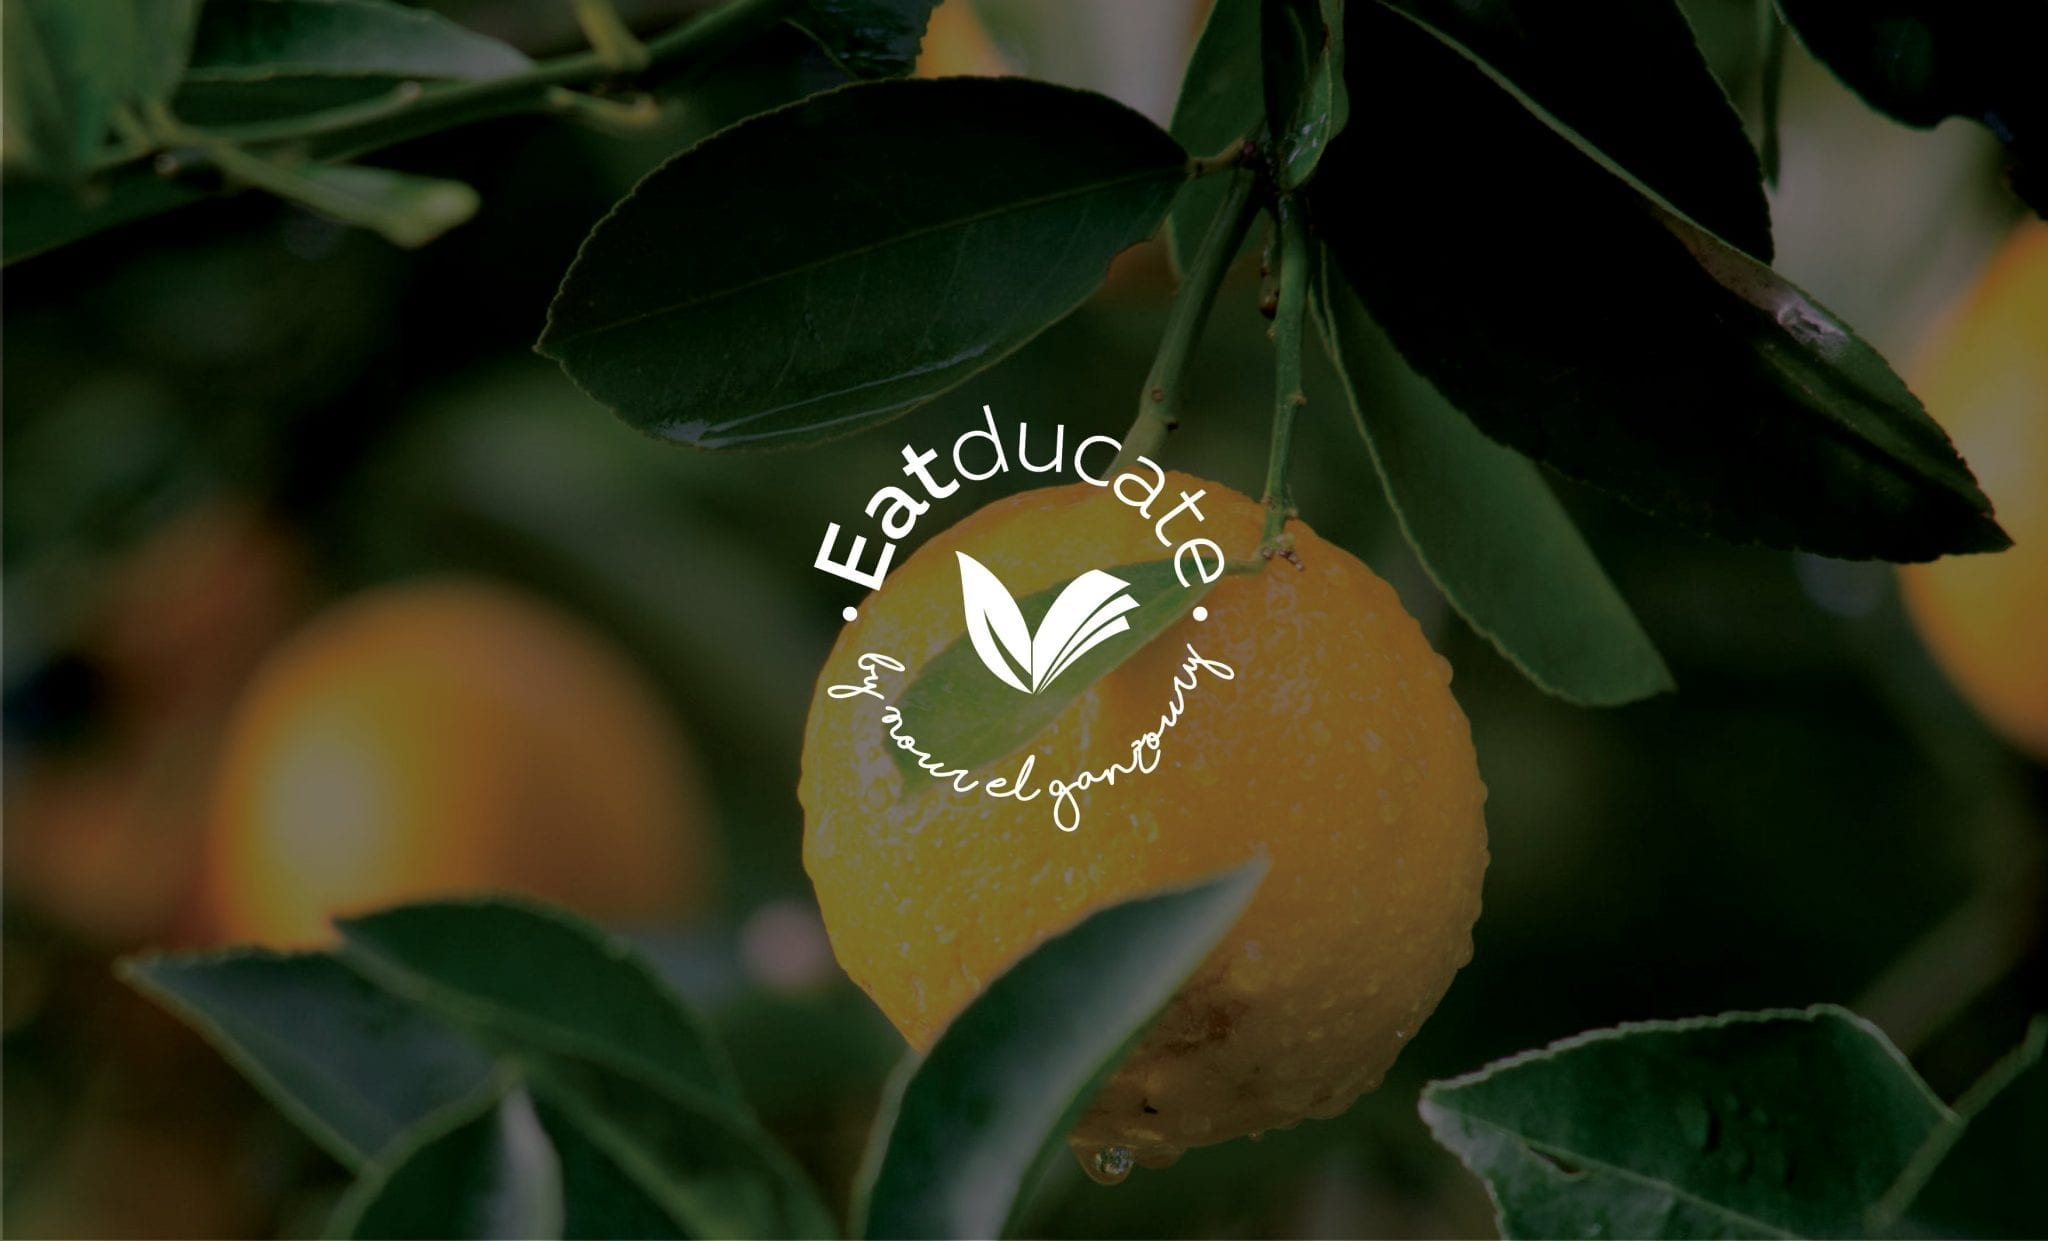 Eatducate Branding jpegs3